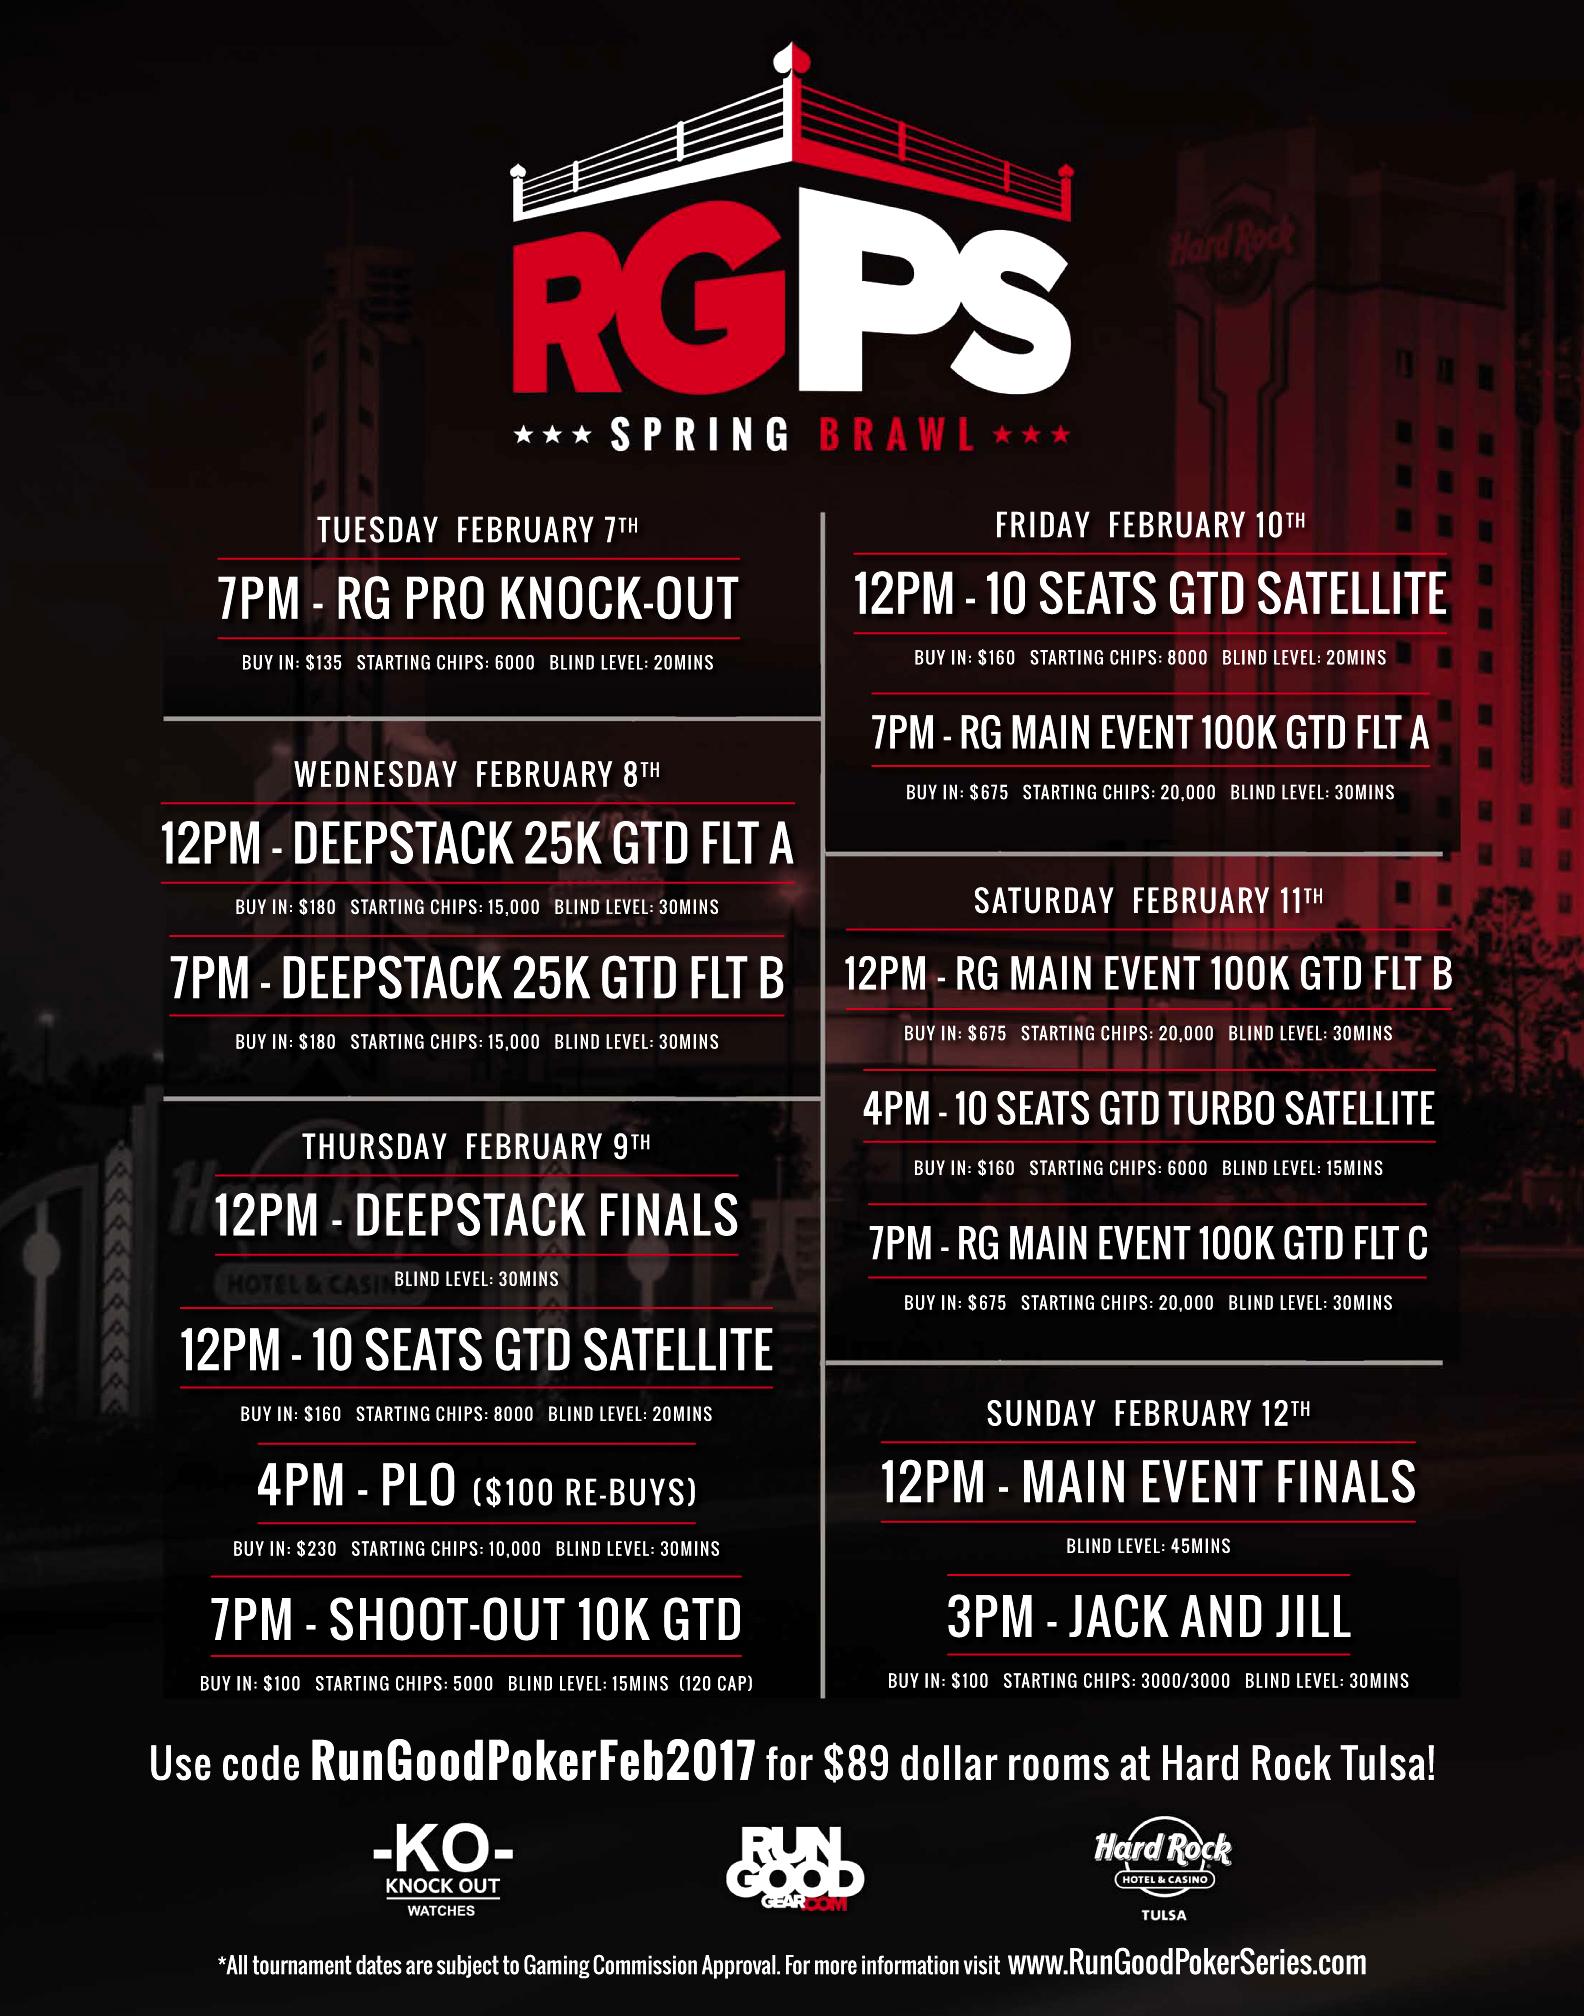 Las vegas poker tournament schedule 2012 beer bottle cap poker table